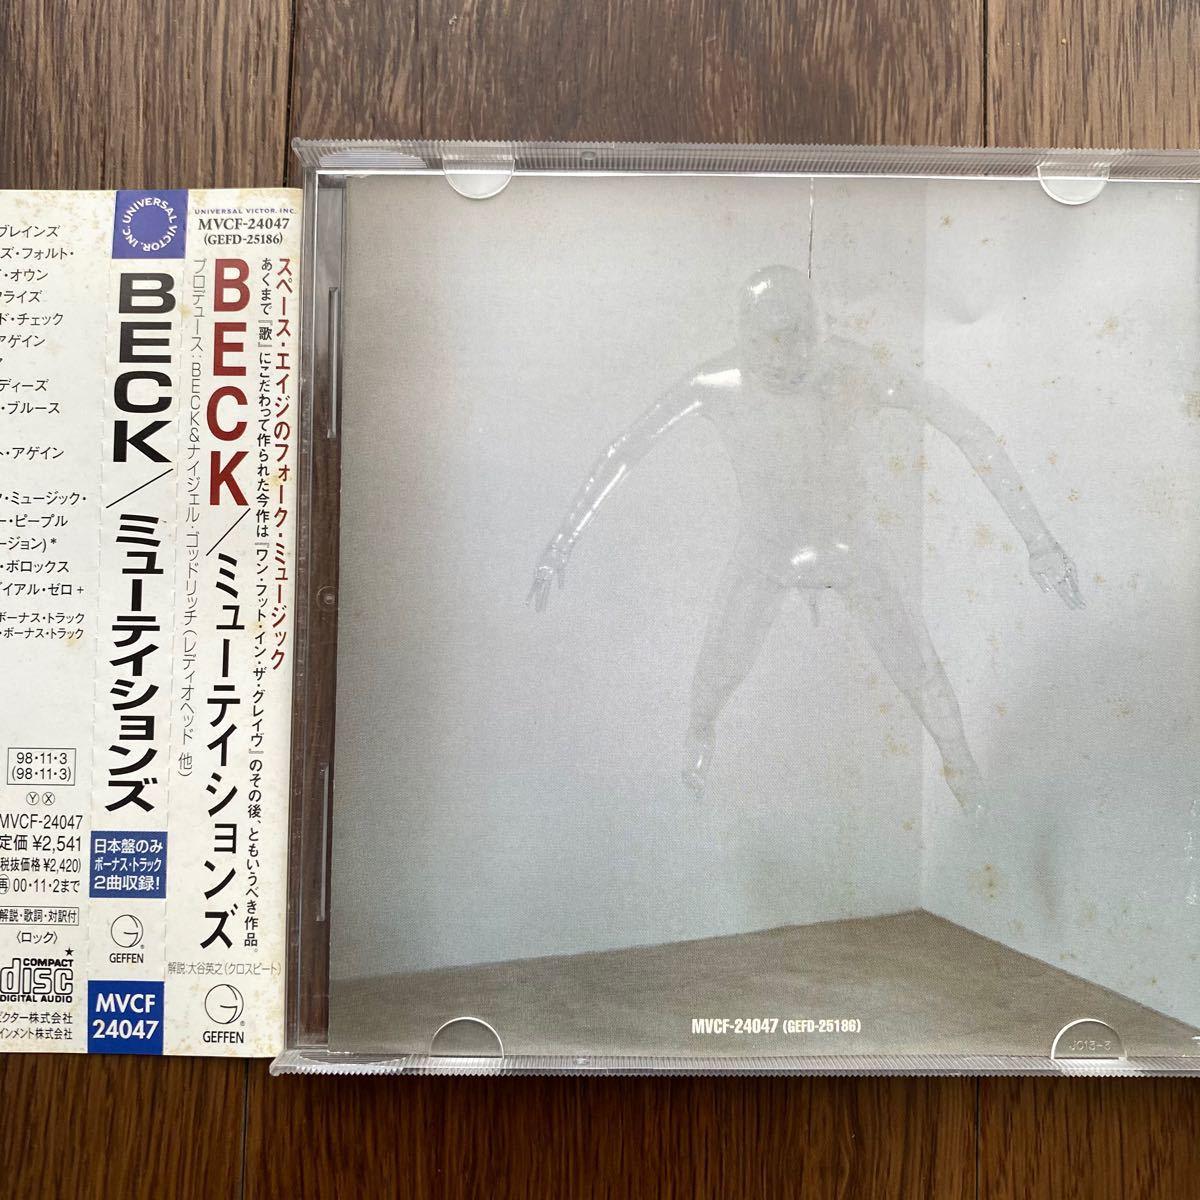 【国内盤・帯付】ベック / ミューテーション●6thアルバム